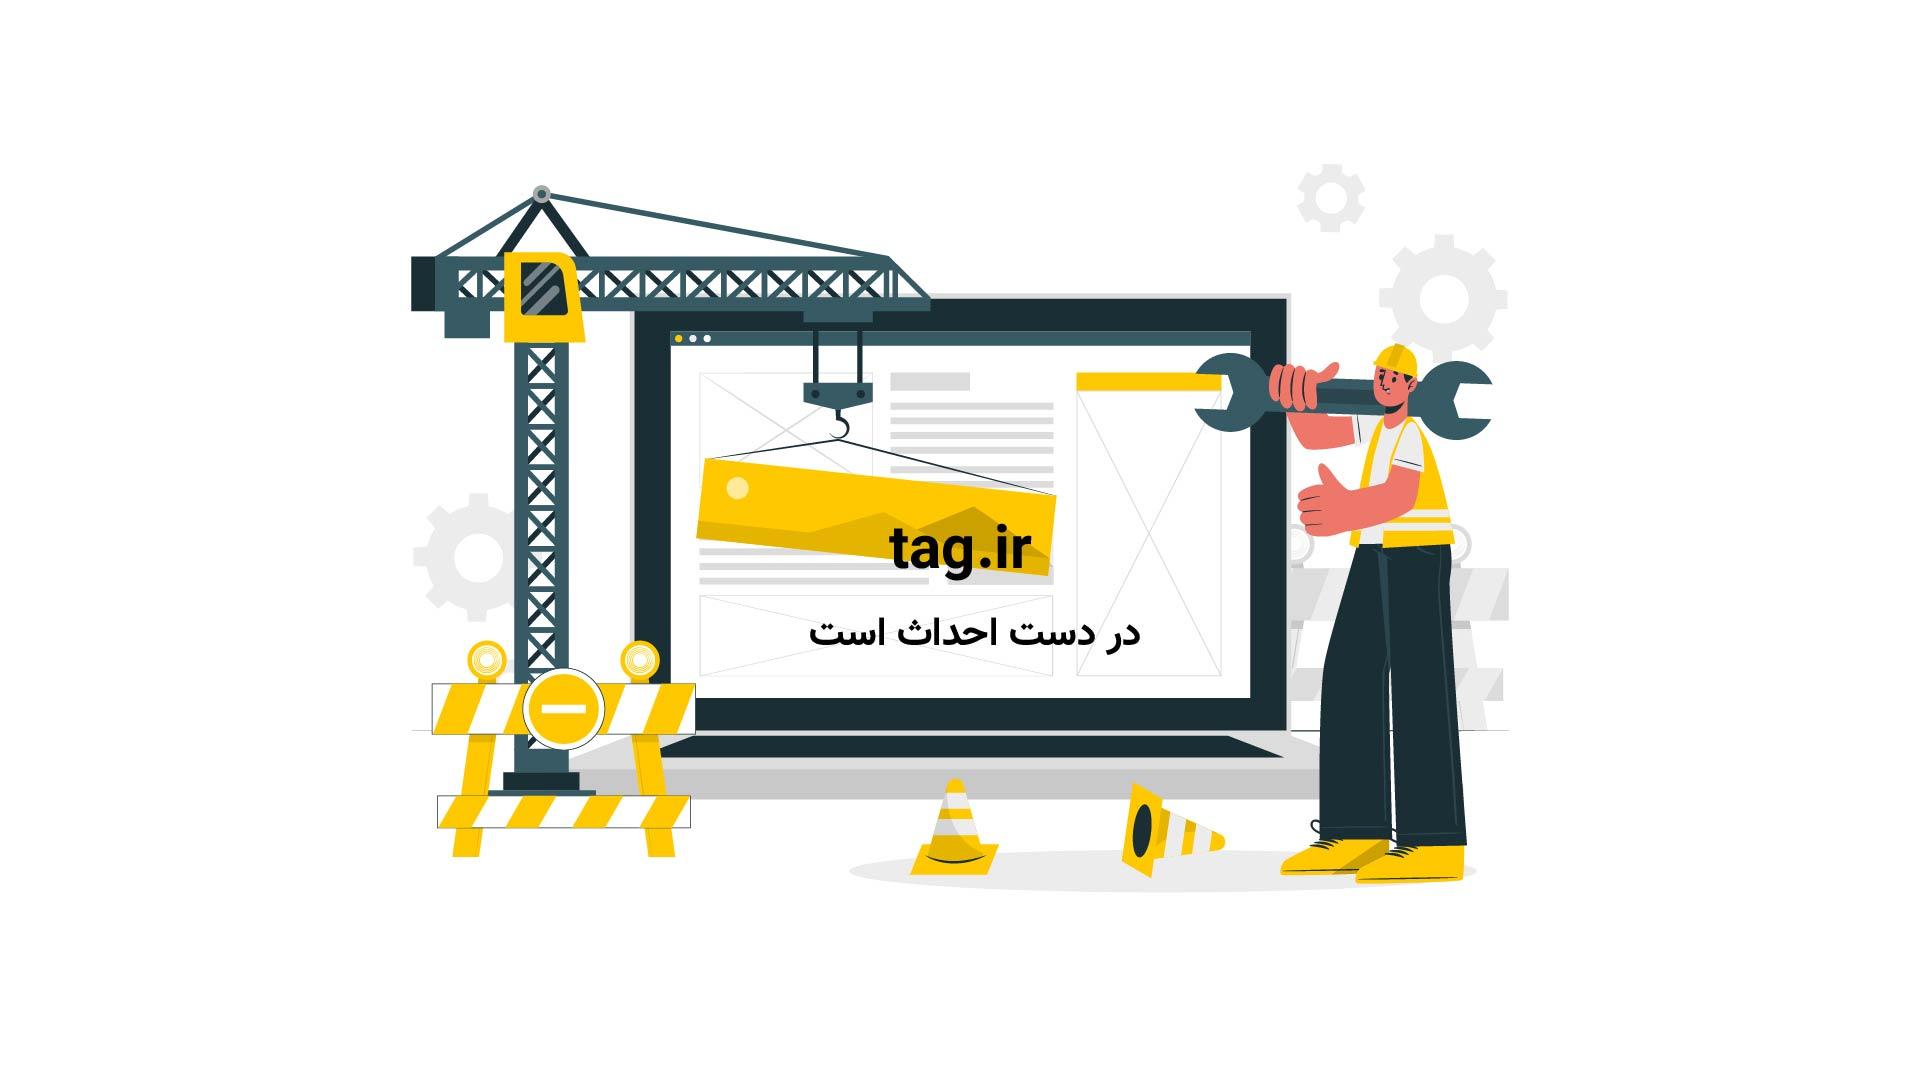 فیلشاه | تگ